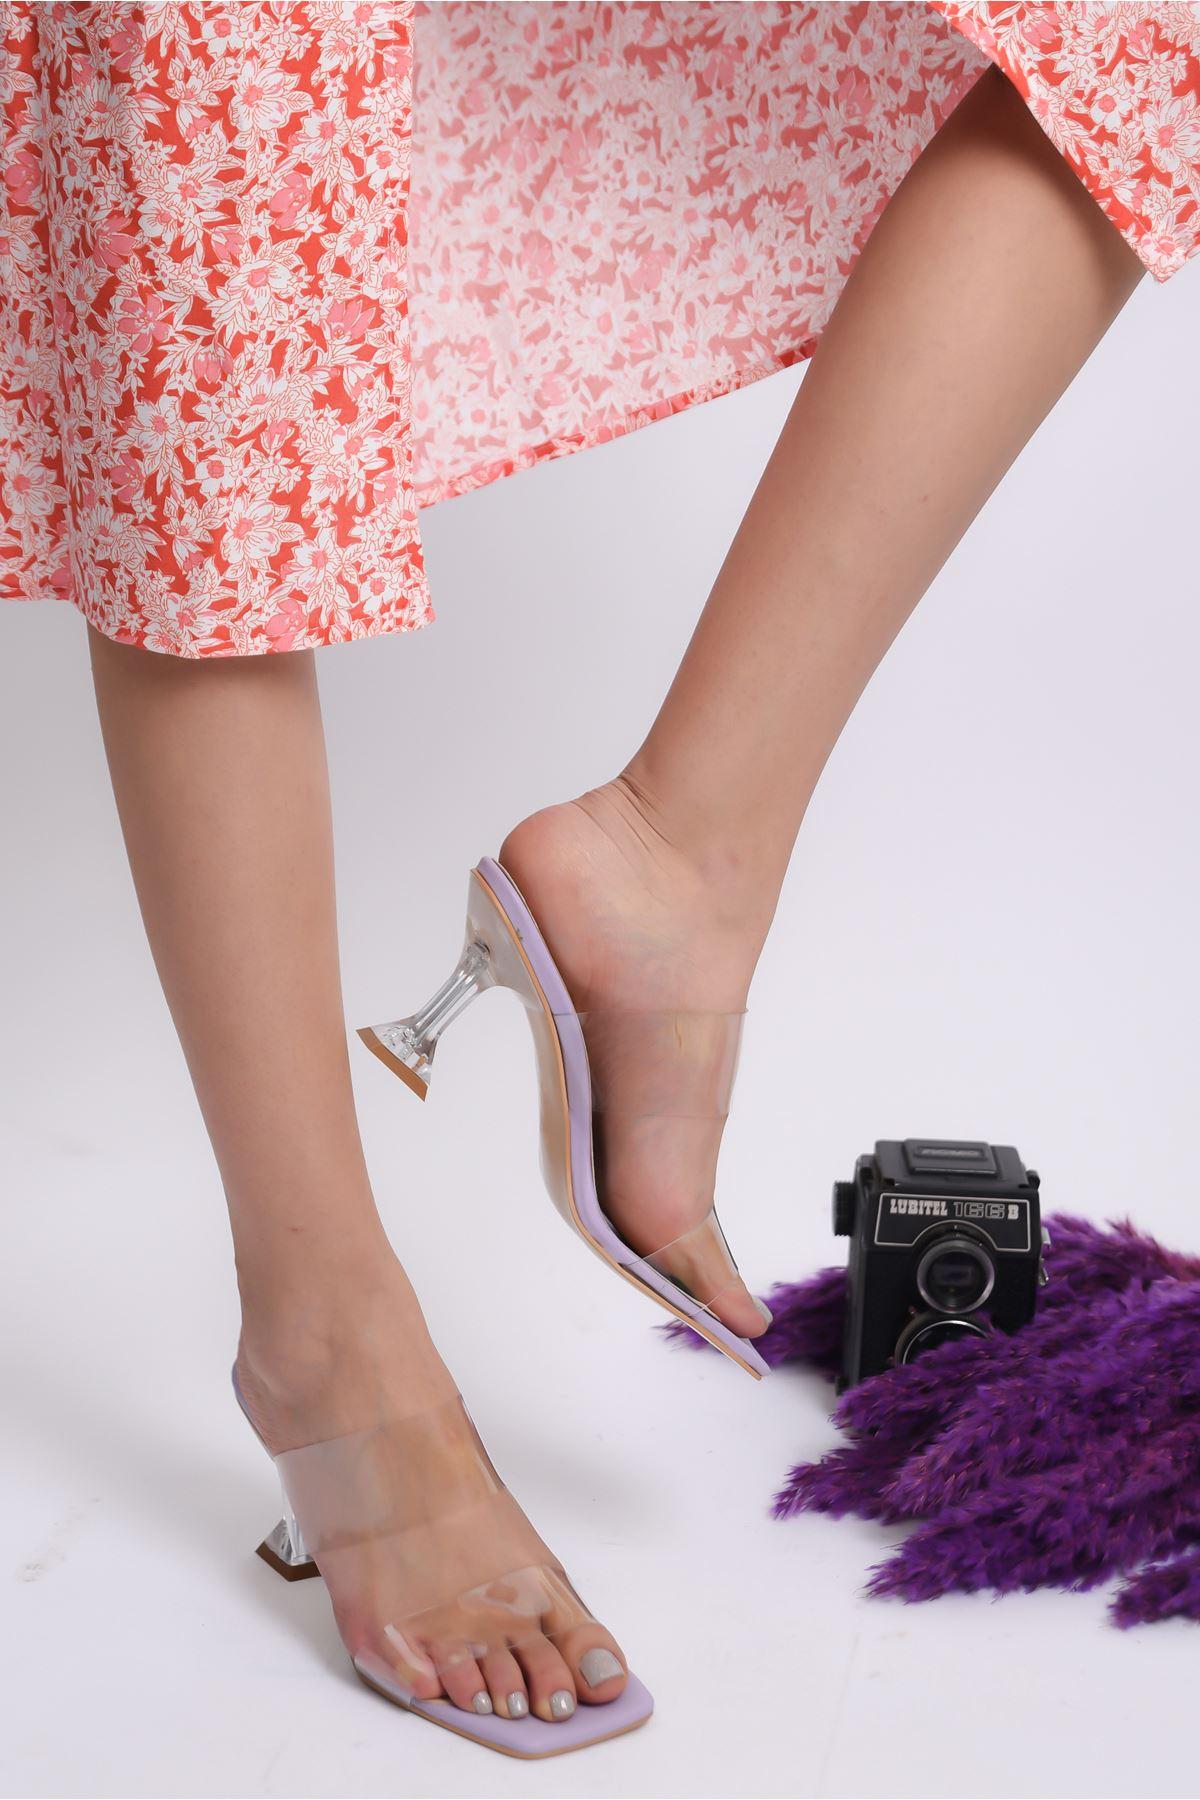 Kadın Runi Kadeh Topuklu Şefaf Bantlı Lila Topuklu Terlik